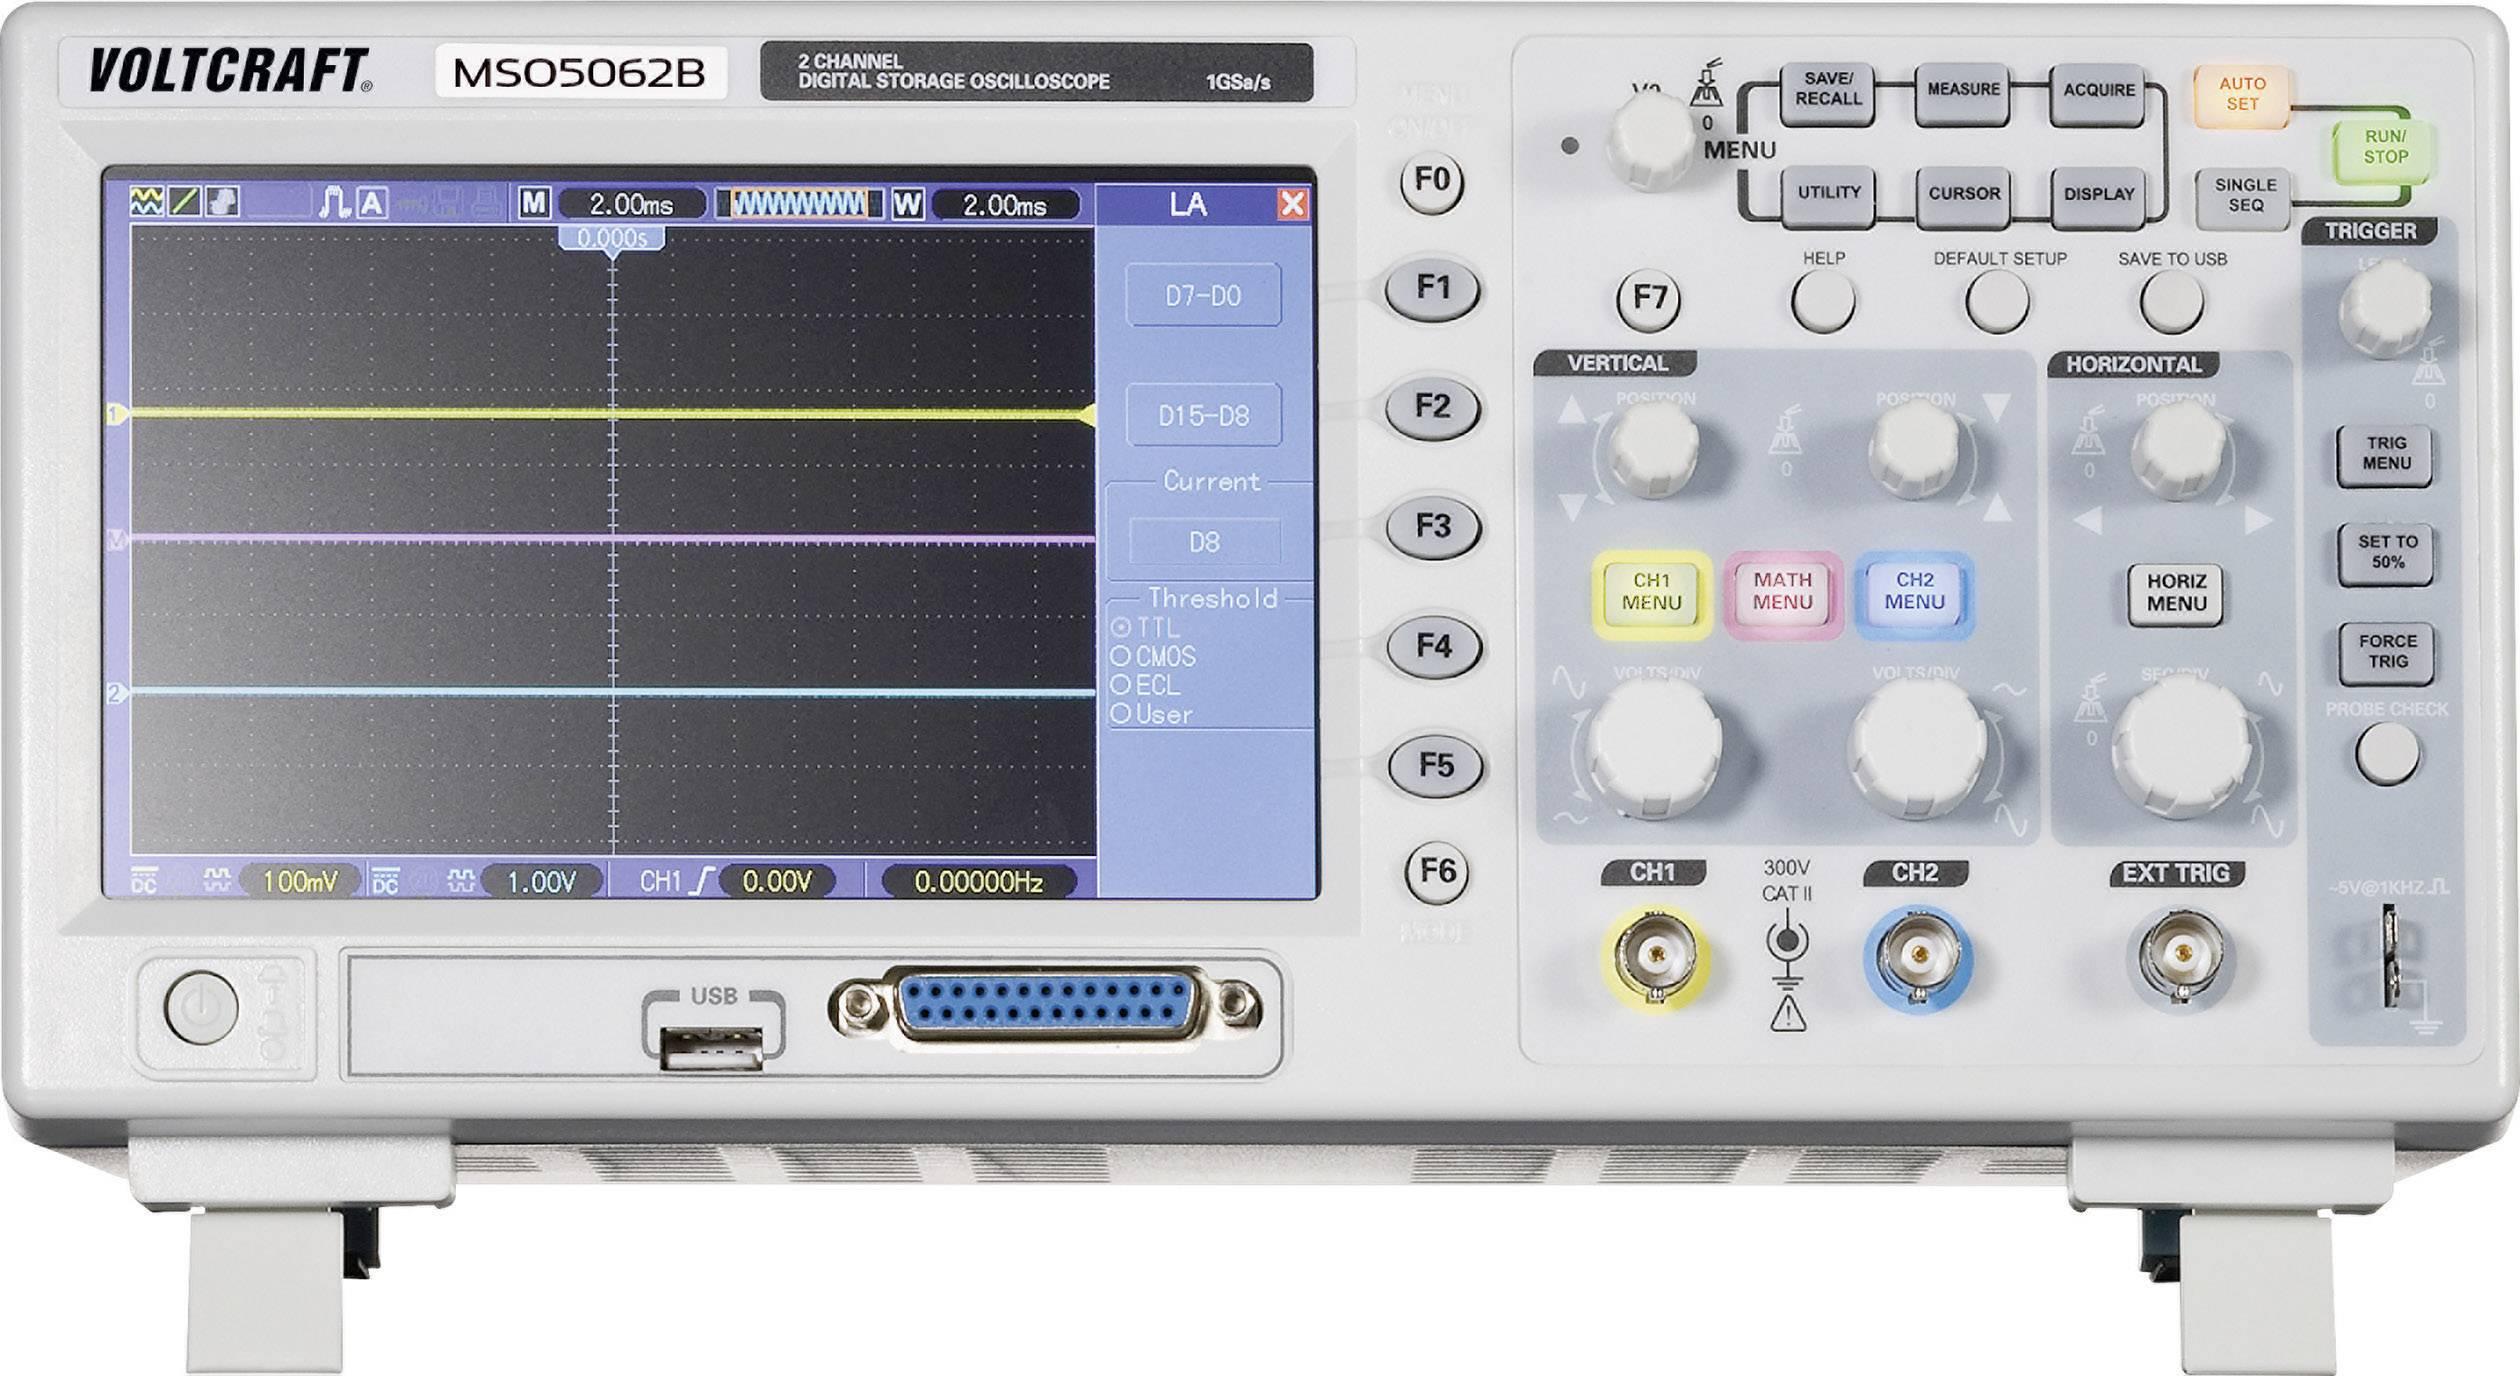 Digitálny osciloskop VOLTCRAFT MSO-5062B, 2/16-kanálový,60 MHz